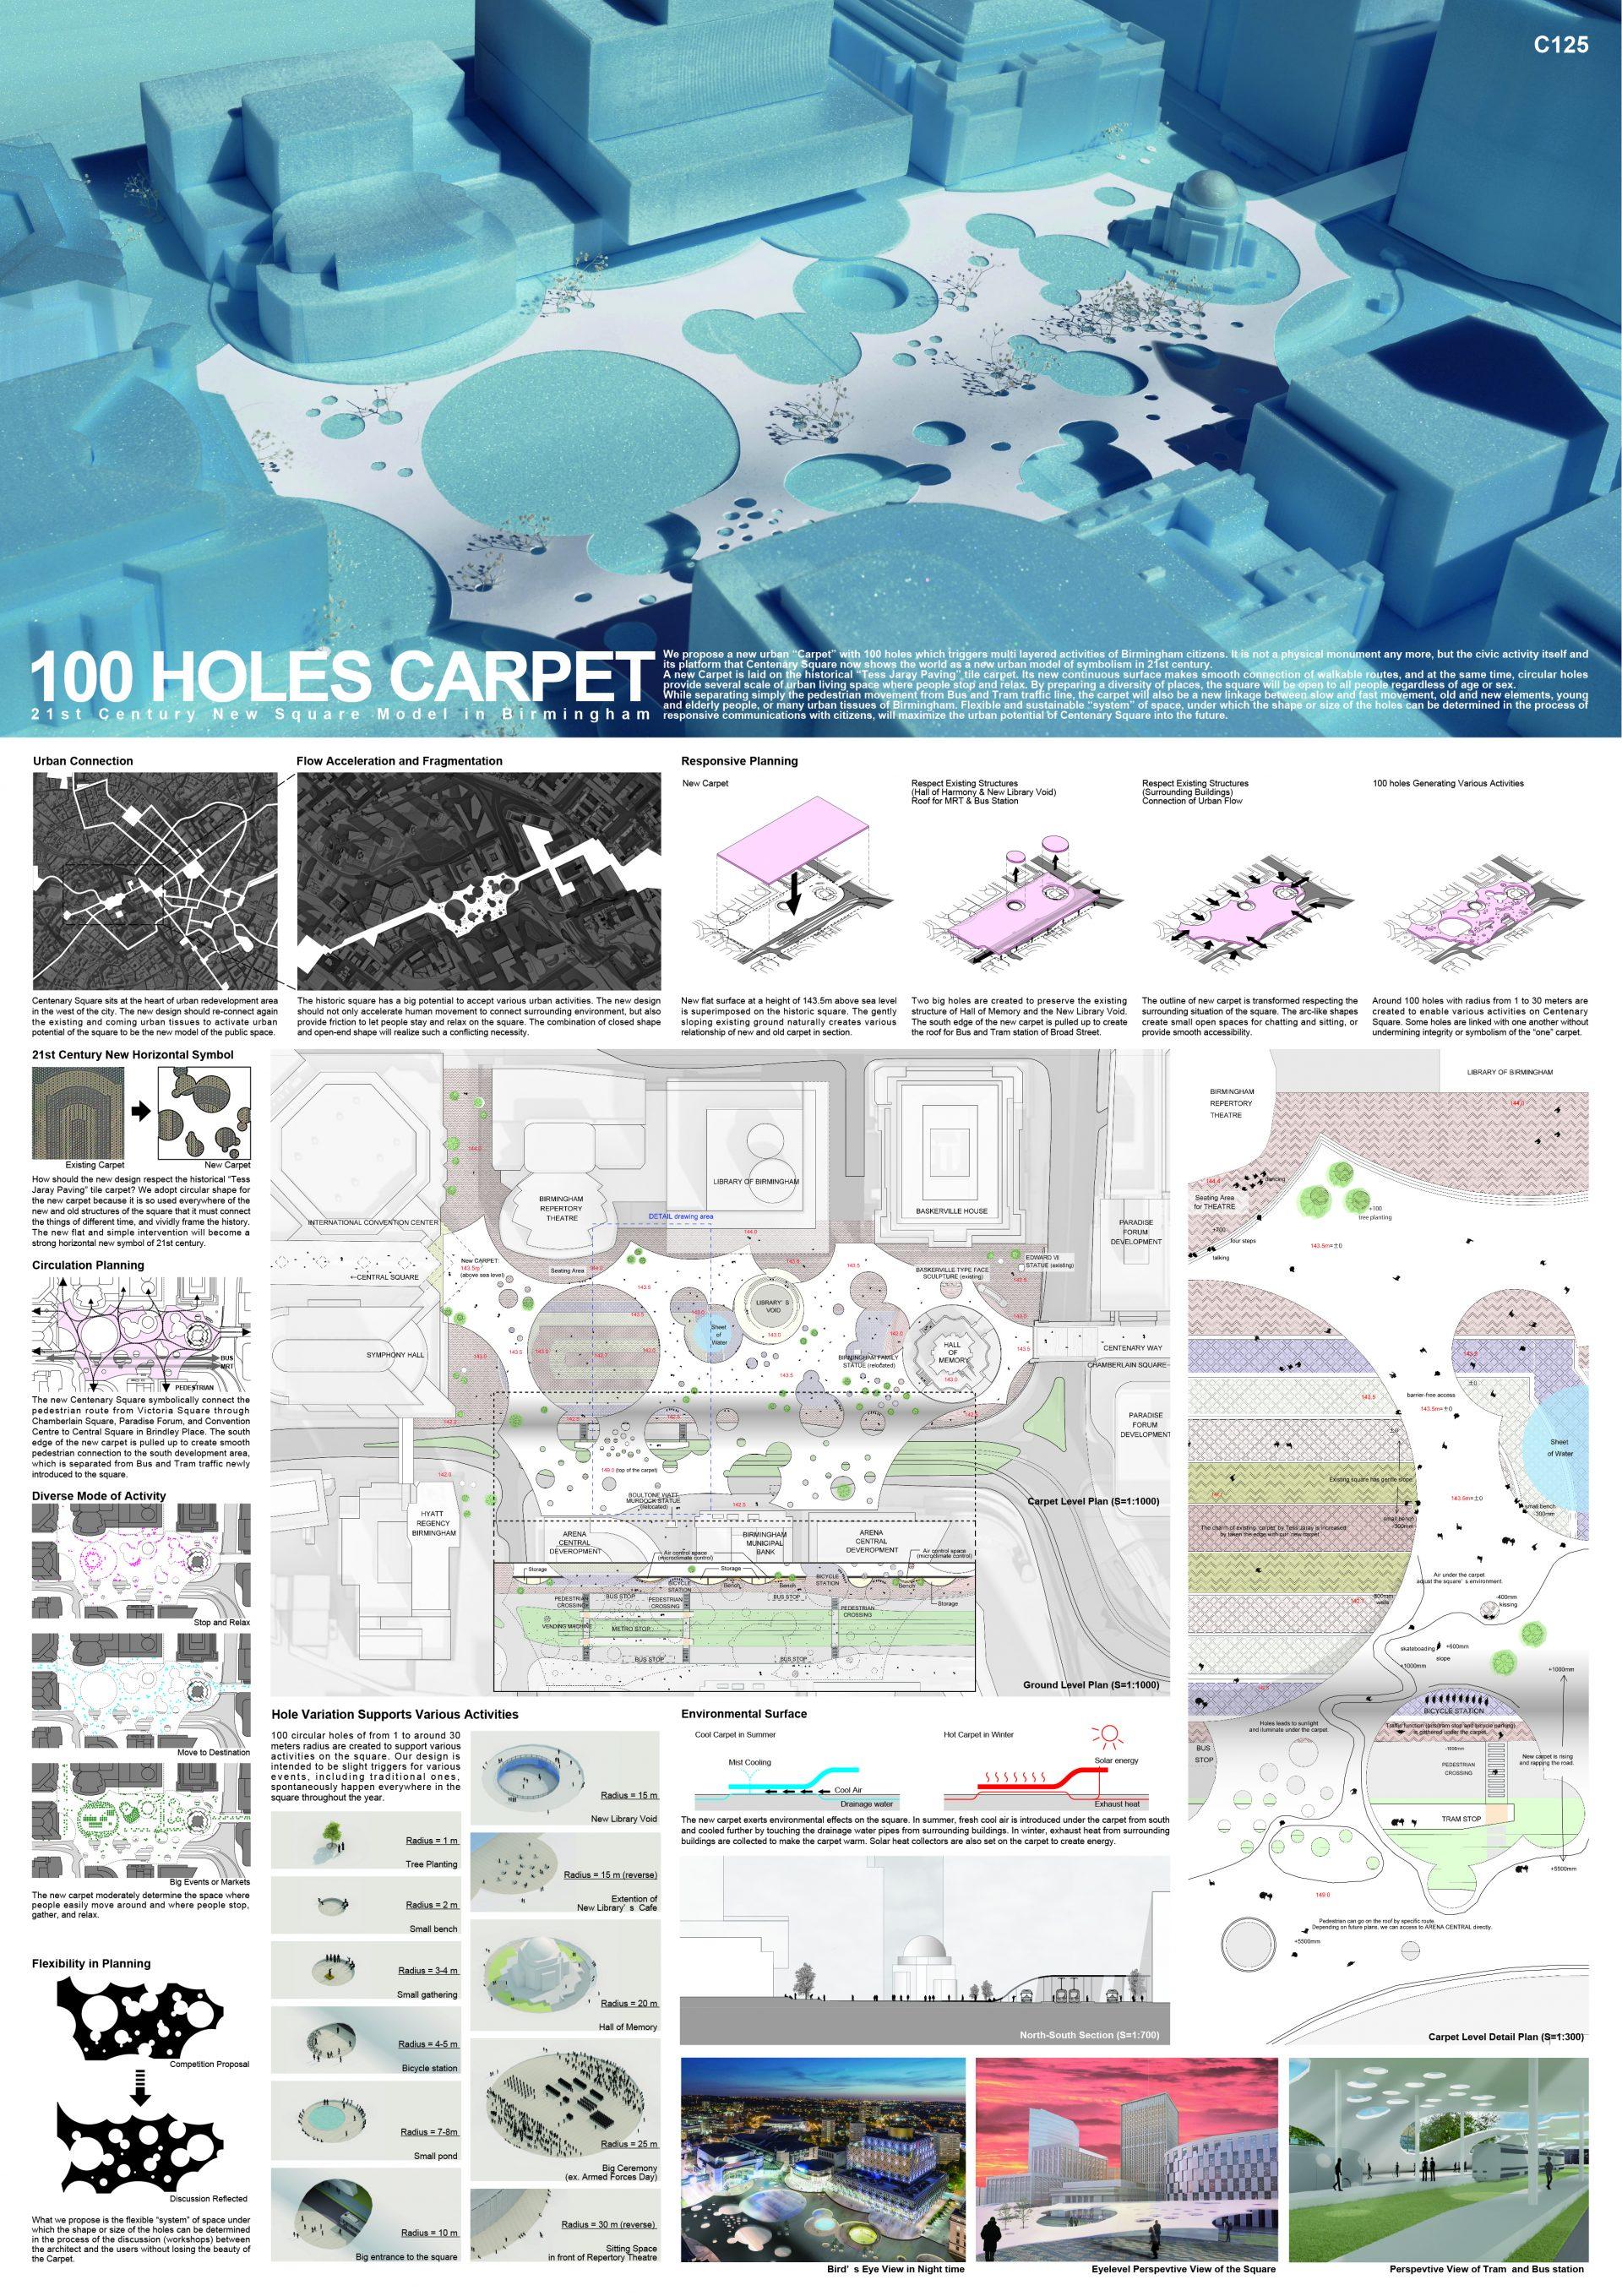 141201_layout_02.ai